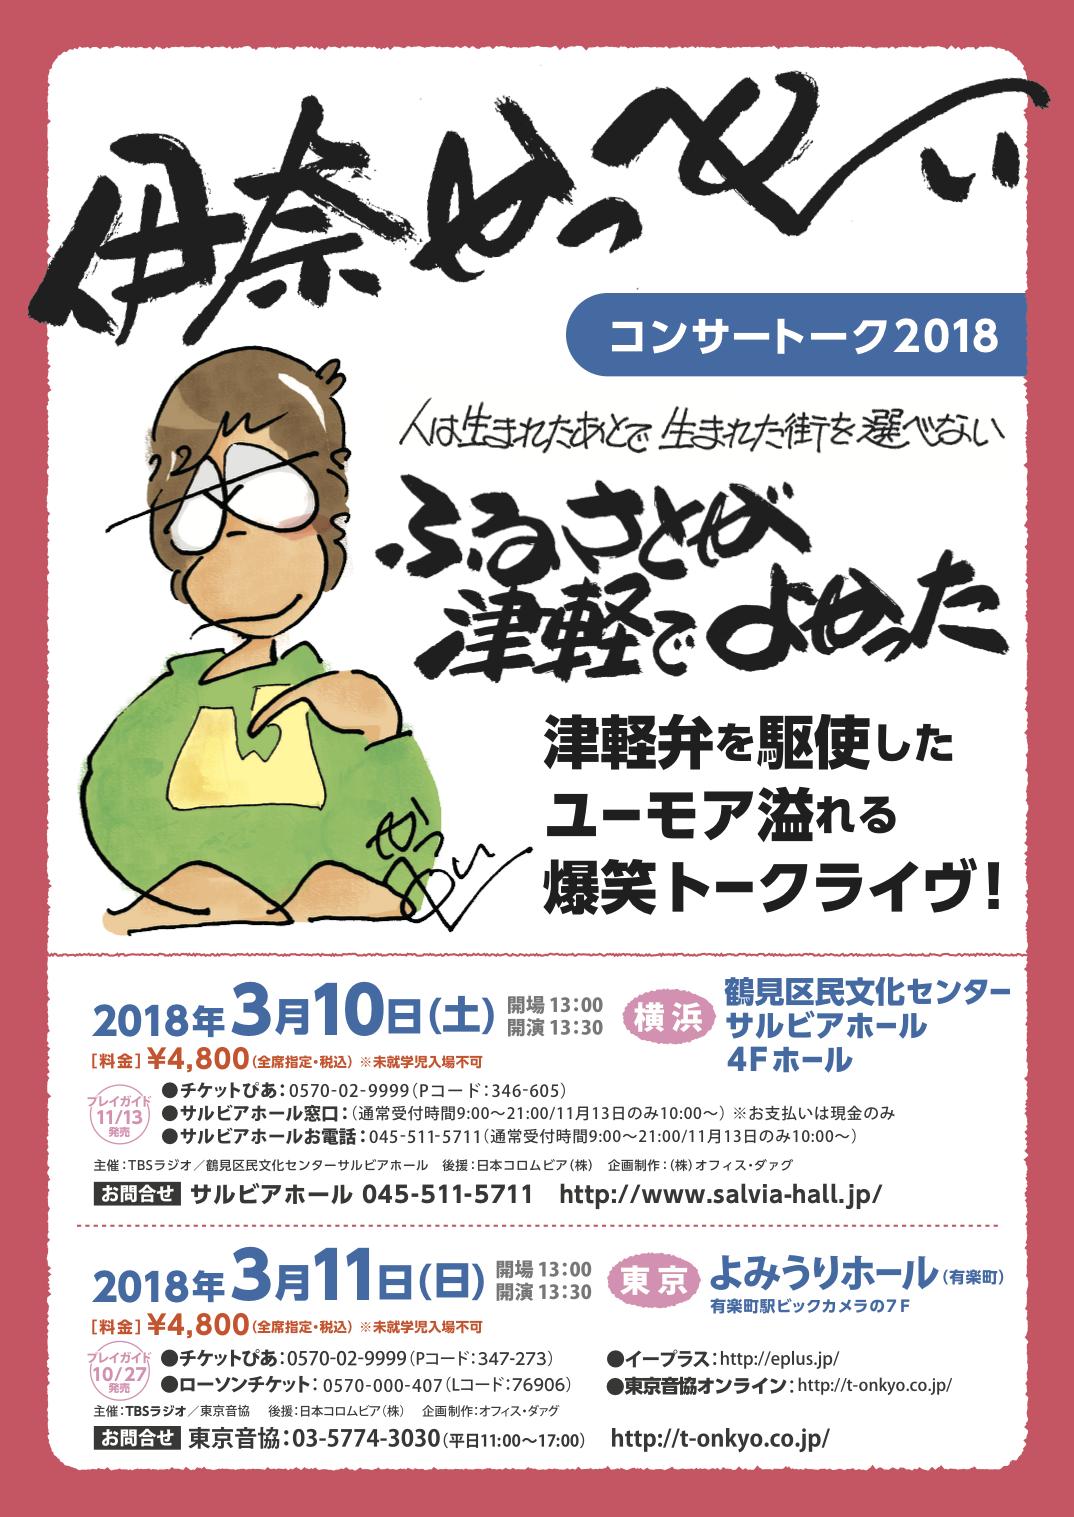 伊奈かっぺいコンサートーク2018 ふるさとが津軽で良かった 横浜公演